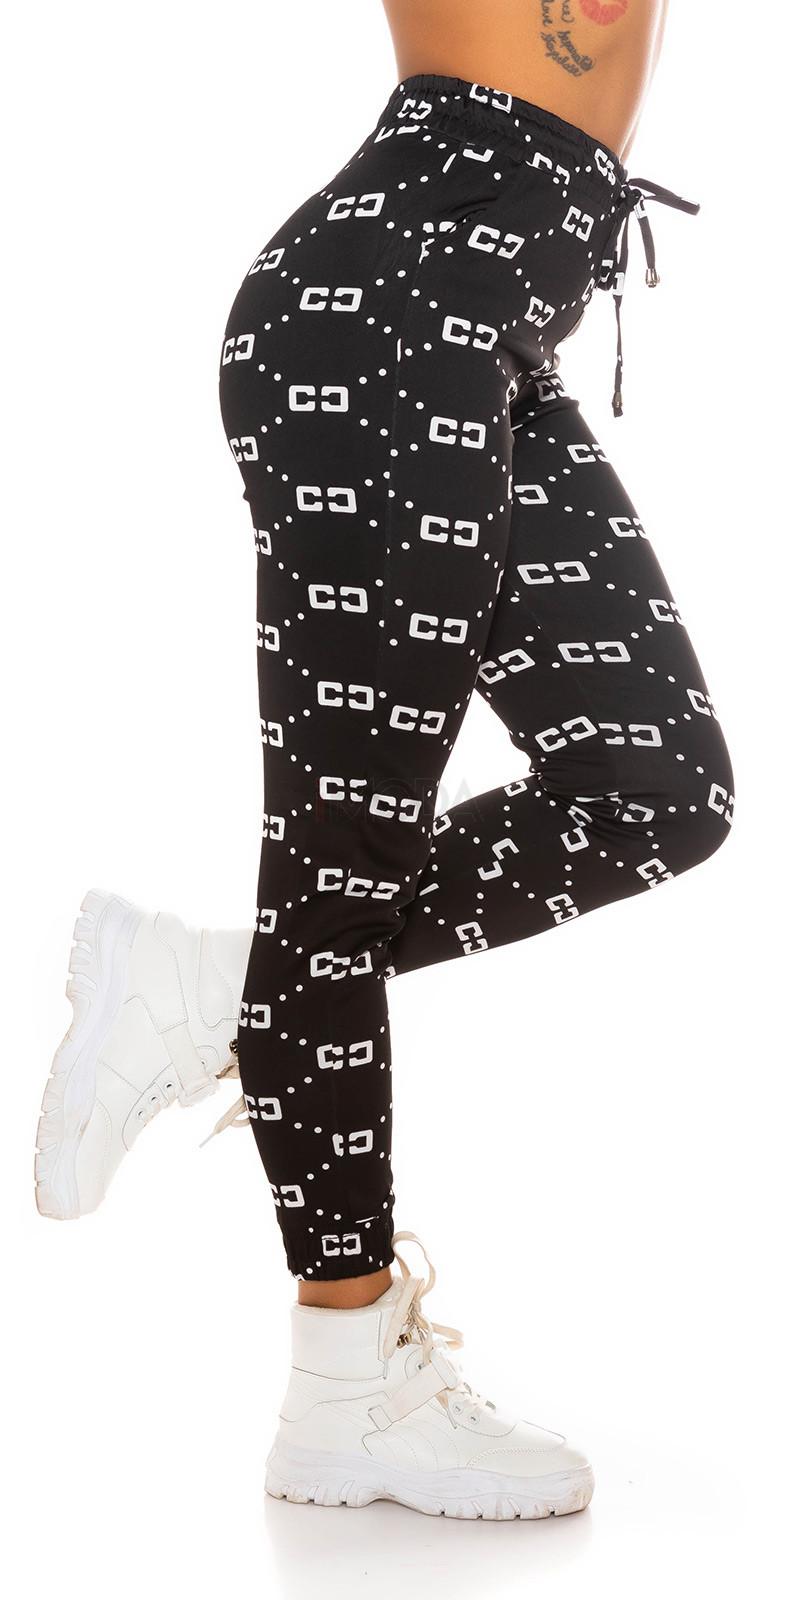 Čierne vzorované teplákové nohavice-229615-31